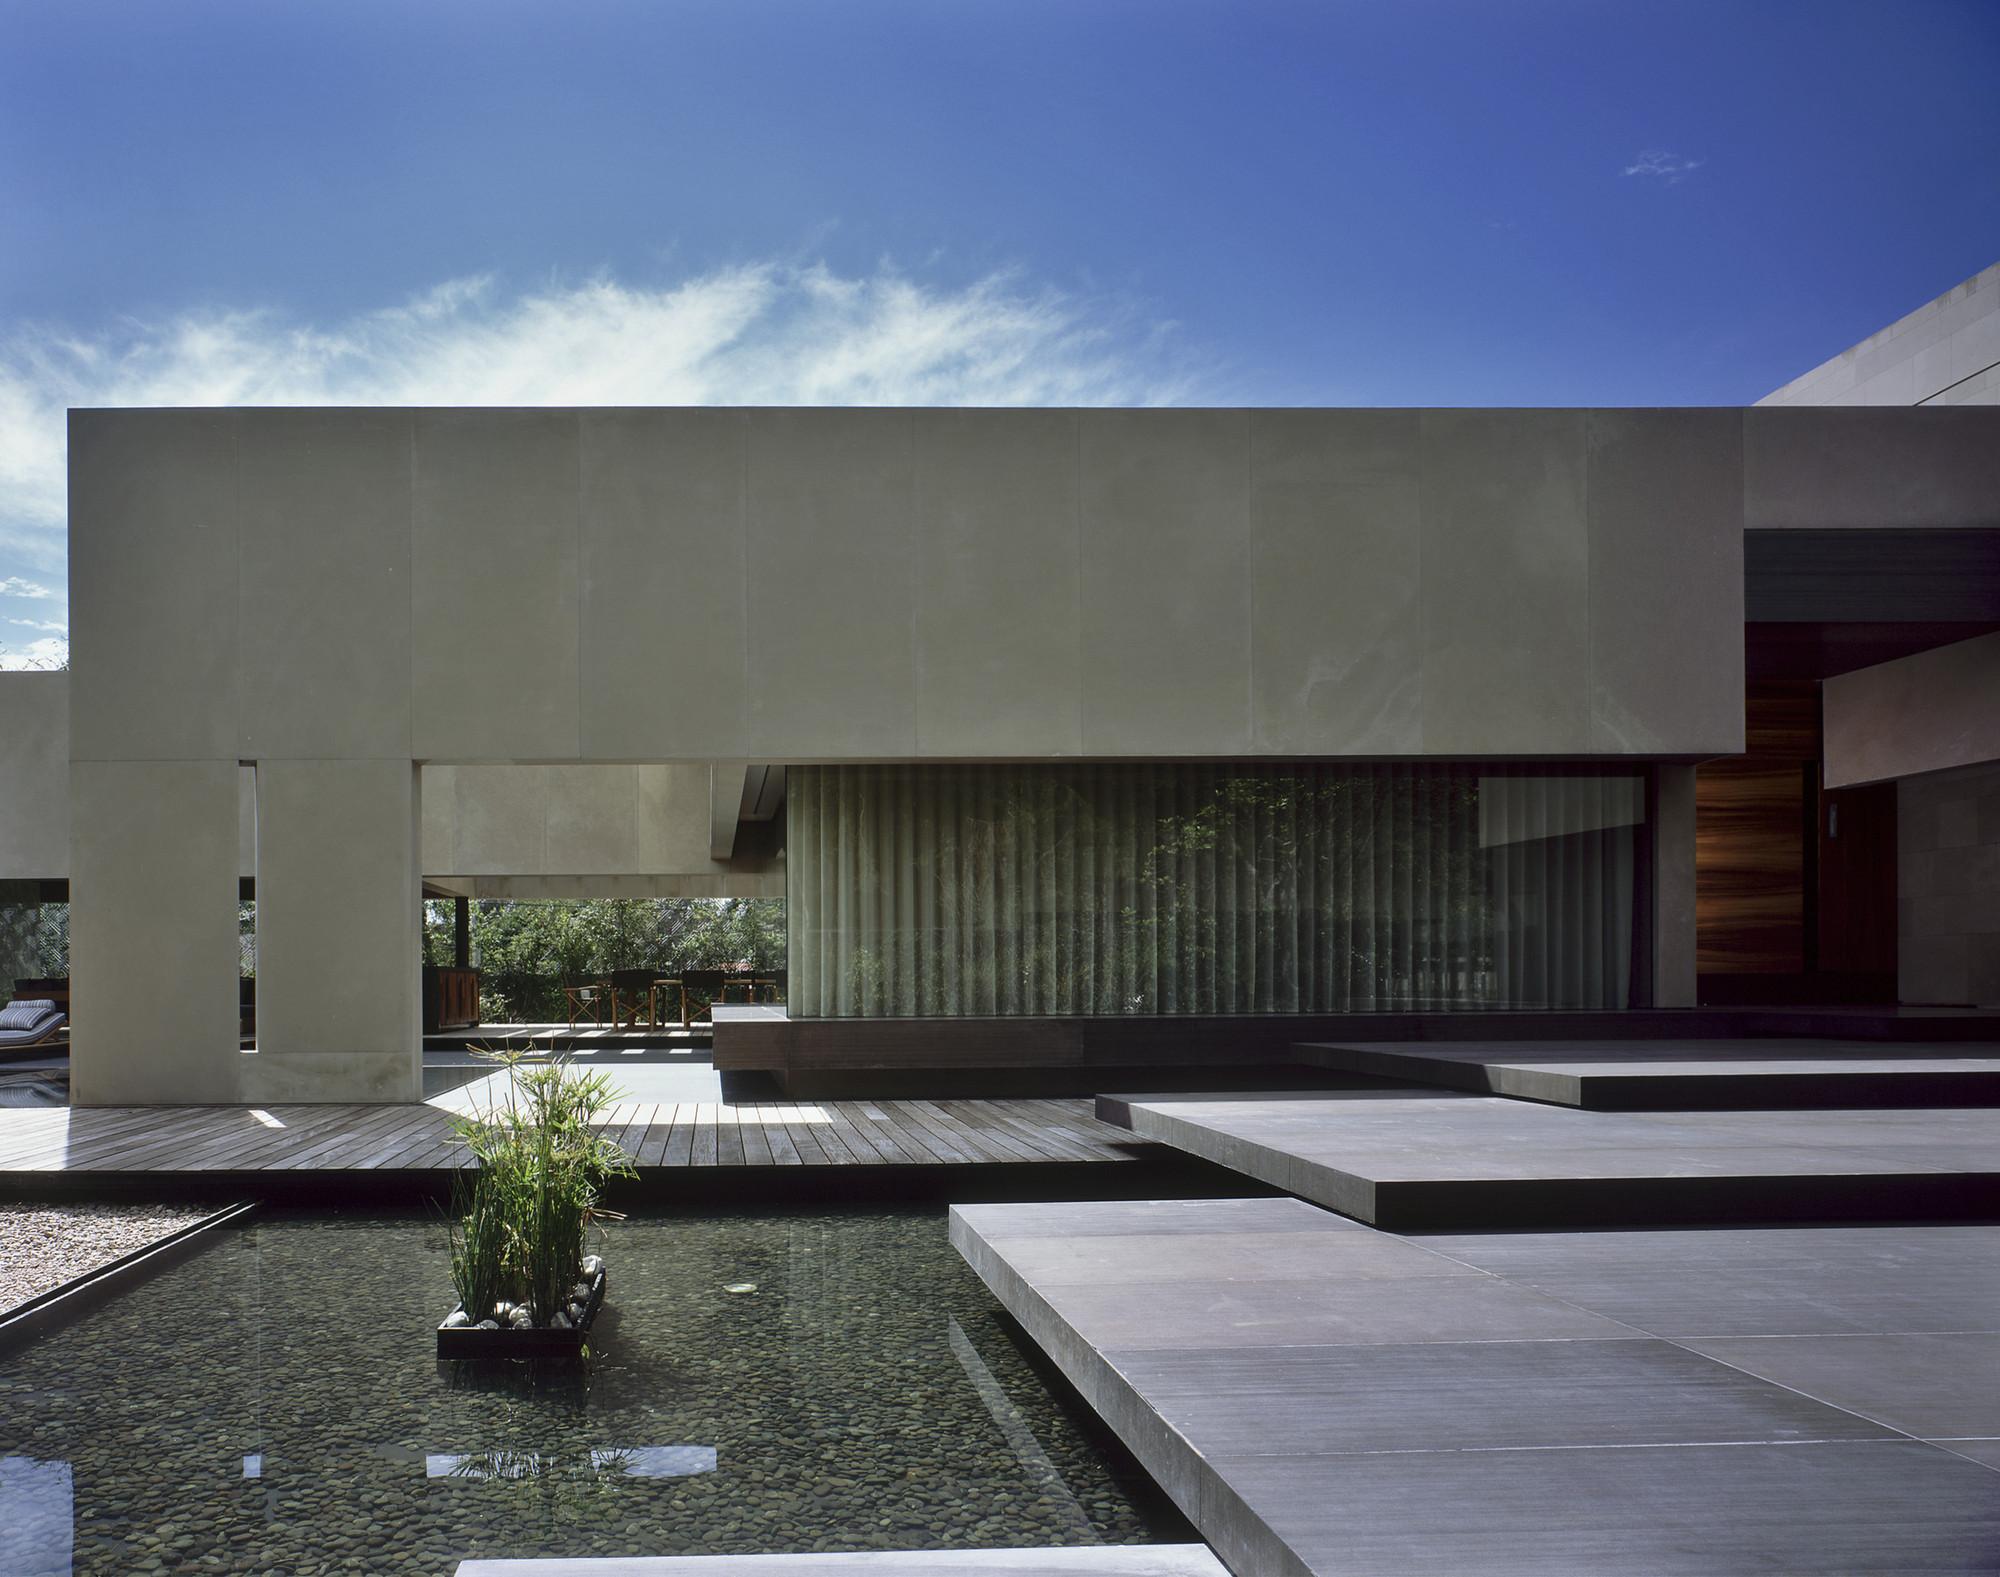 Galer a de casa reforma central de arquitectura 1 - Reforma en casa ...